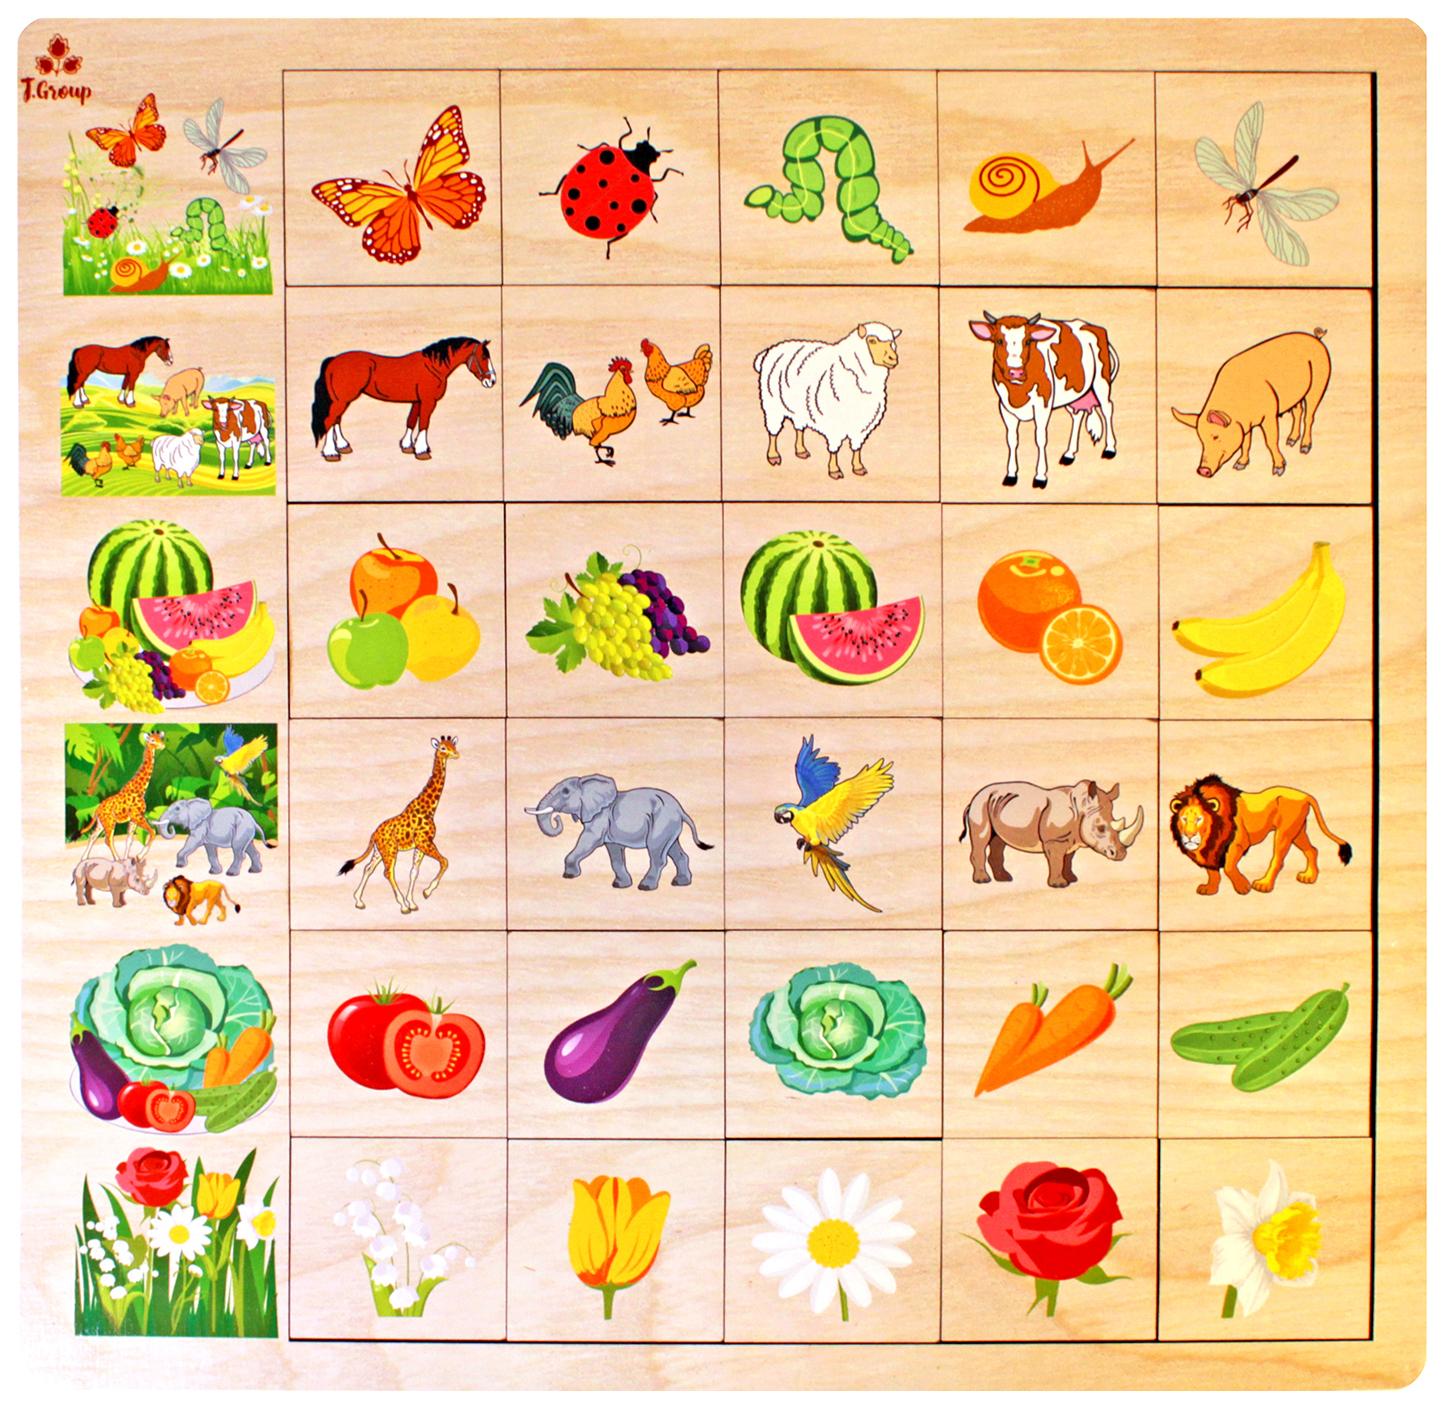 Игры для детей с картинками распечатать